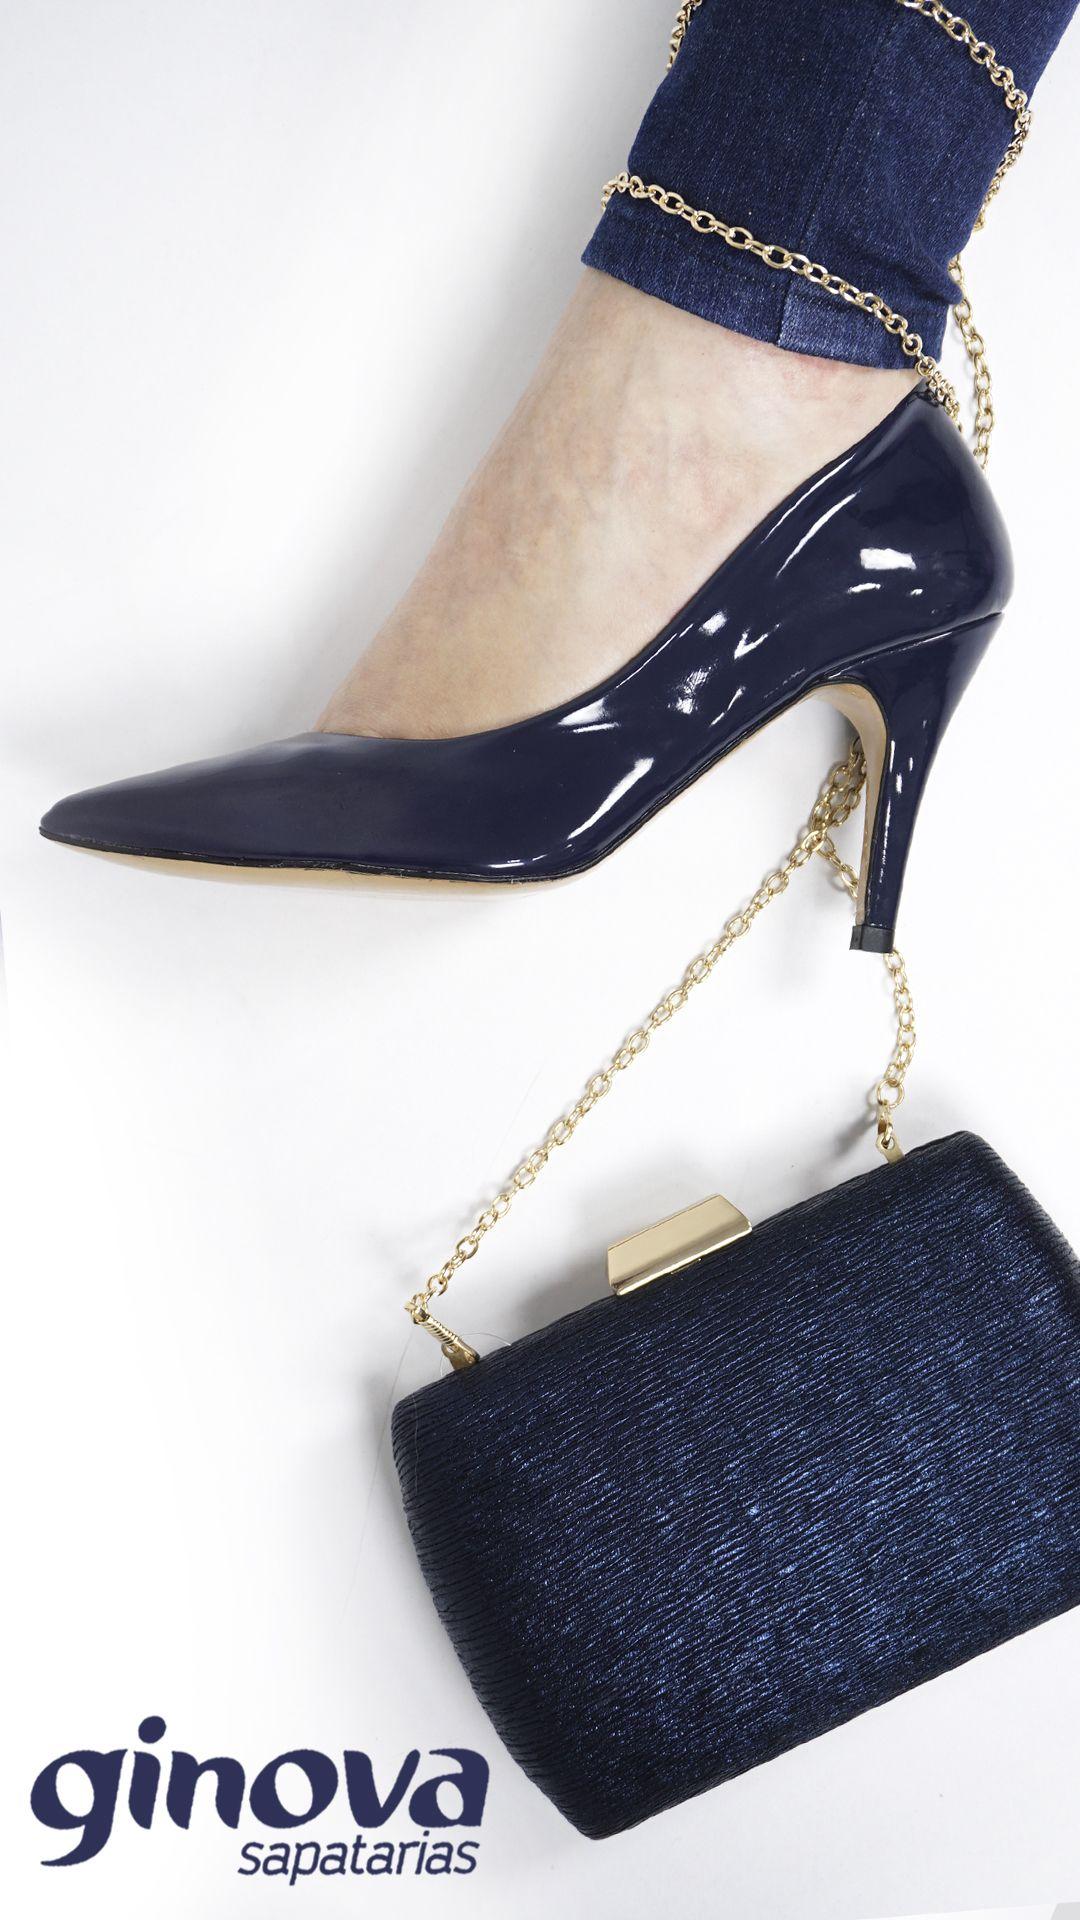 94a2dd4e3 #sapatos #calçado #portugal #fabricadoemportugal #pele #sapatariasonline # ginova #azul